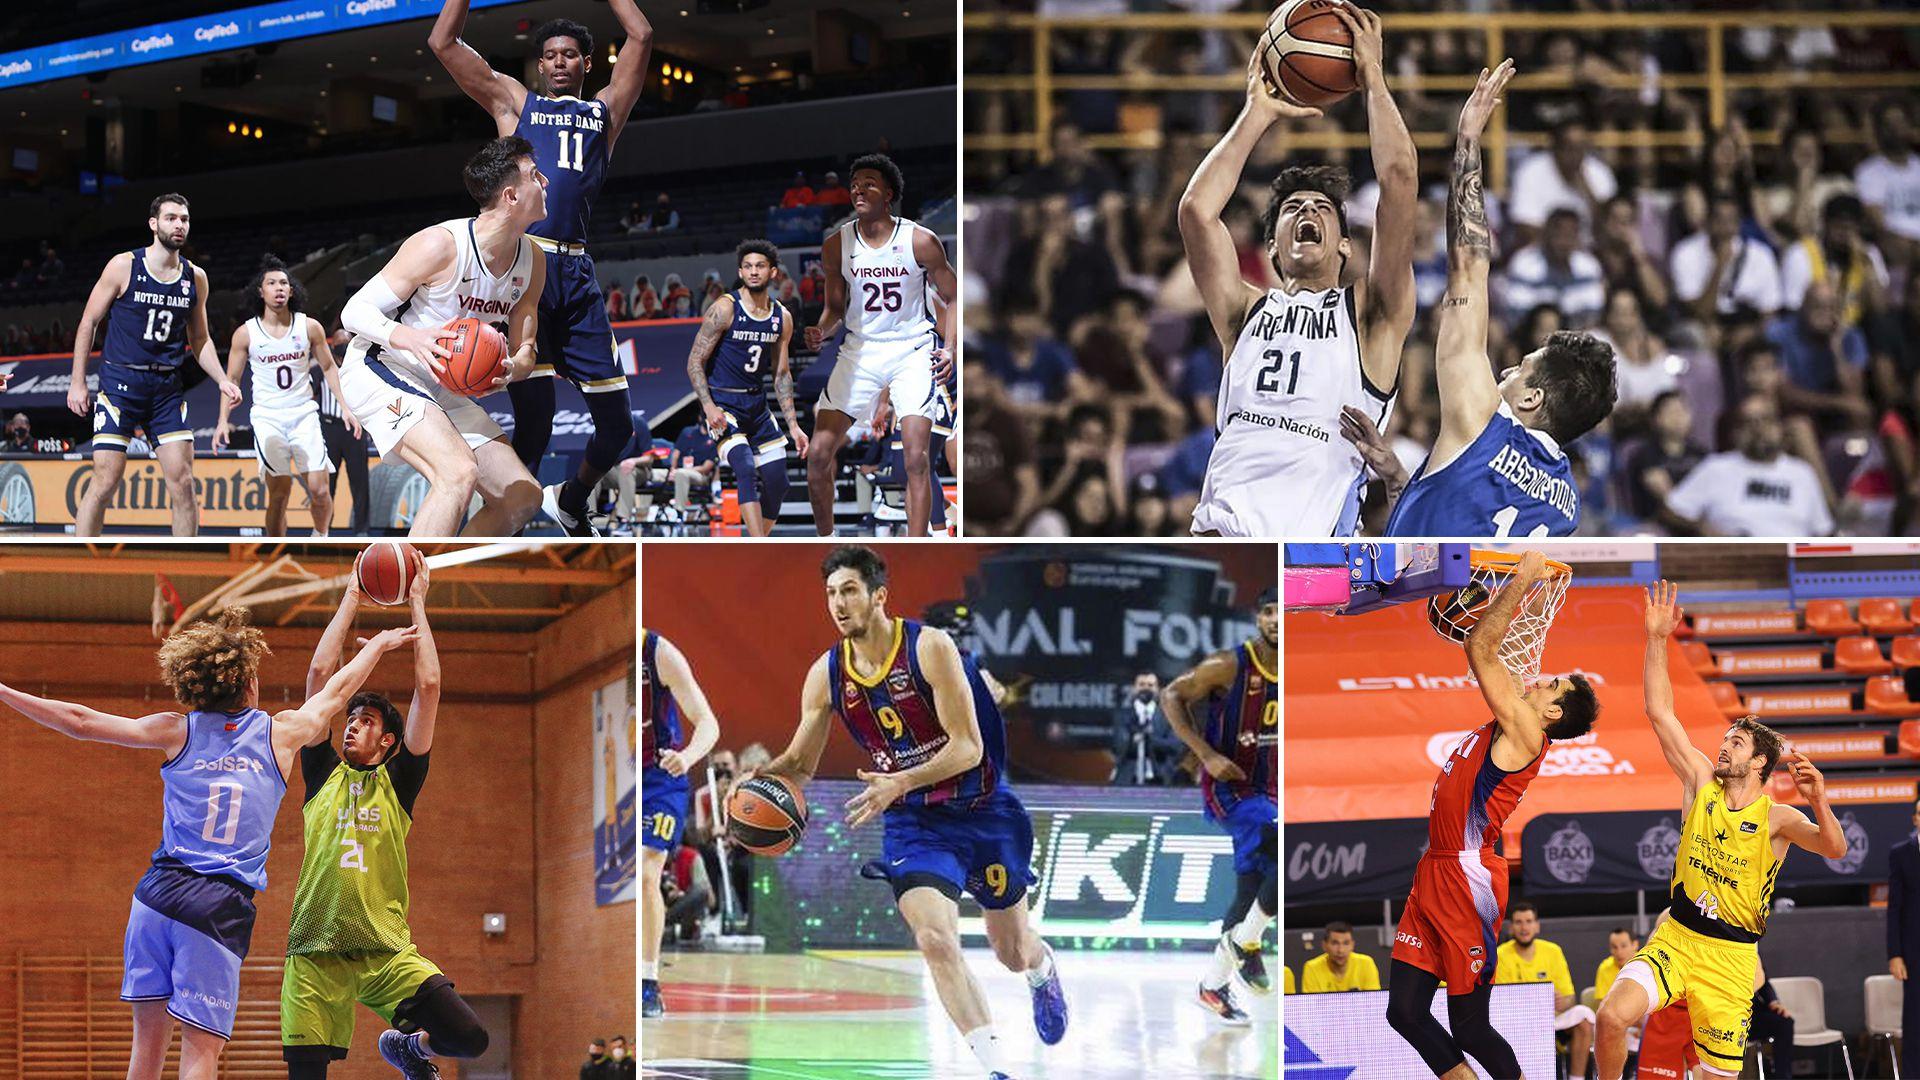 5 talentos jóvenes de la Selección de básquet